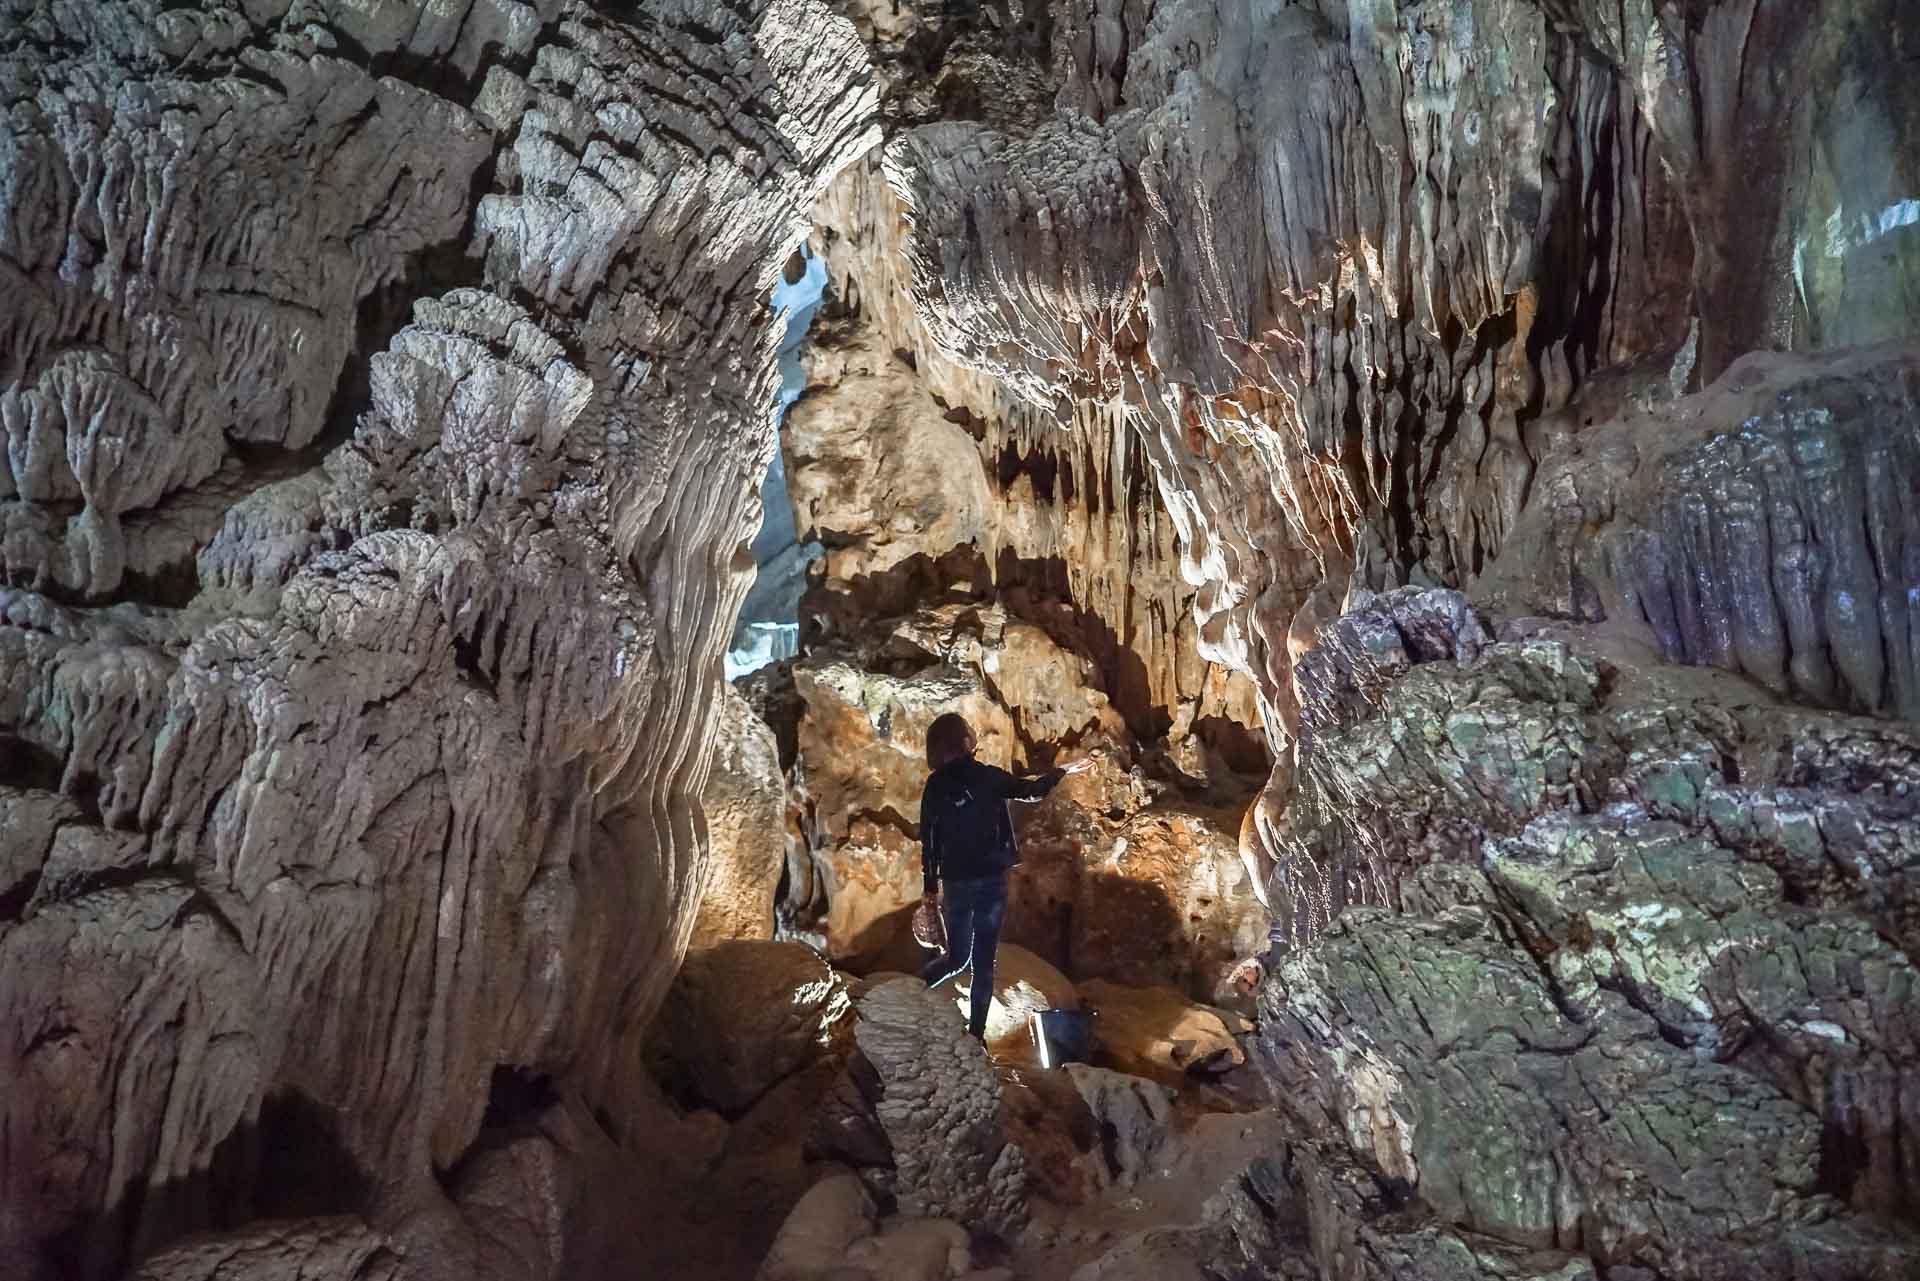 LesVoyageuses-Vietnam-Phong-Nha-Caves-Nature-58